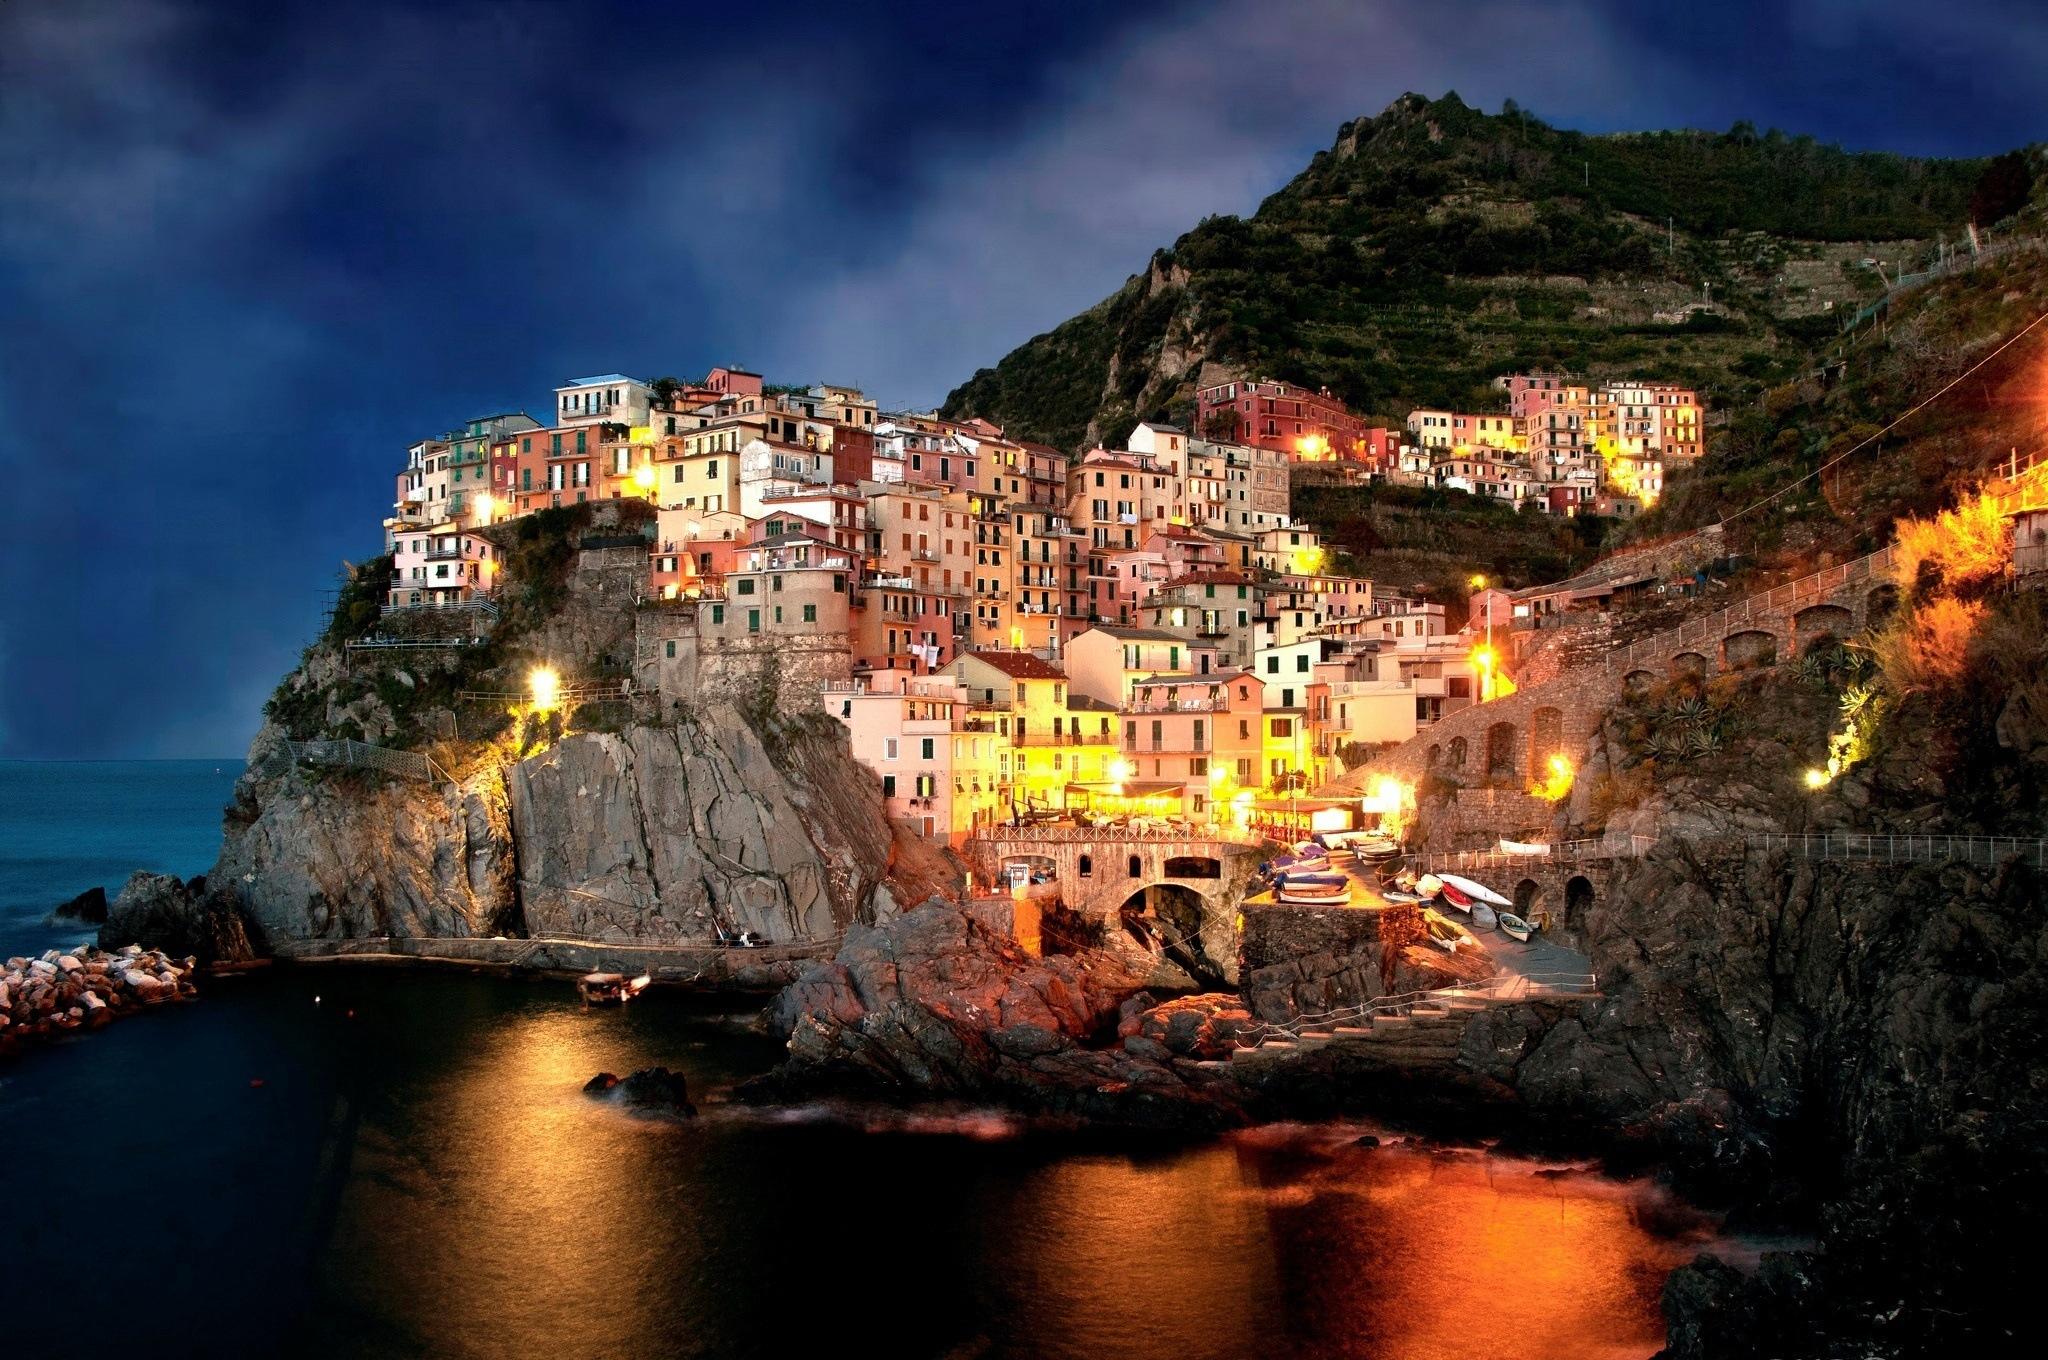 Pompei and Amalfi coast from Rome